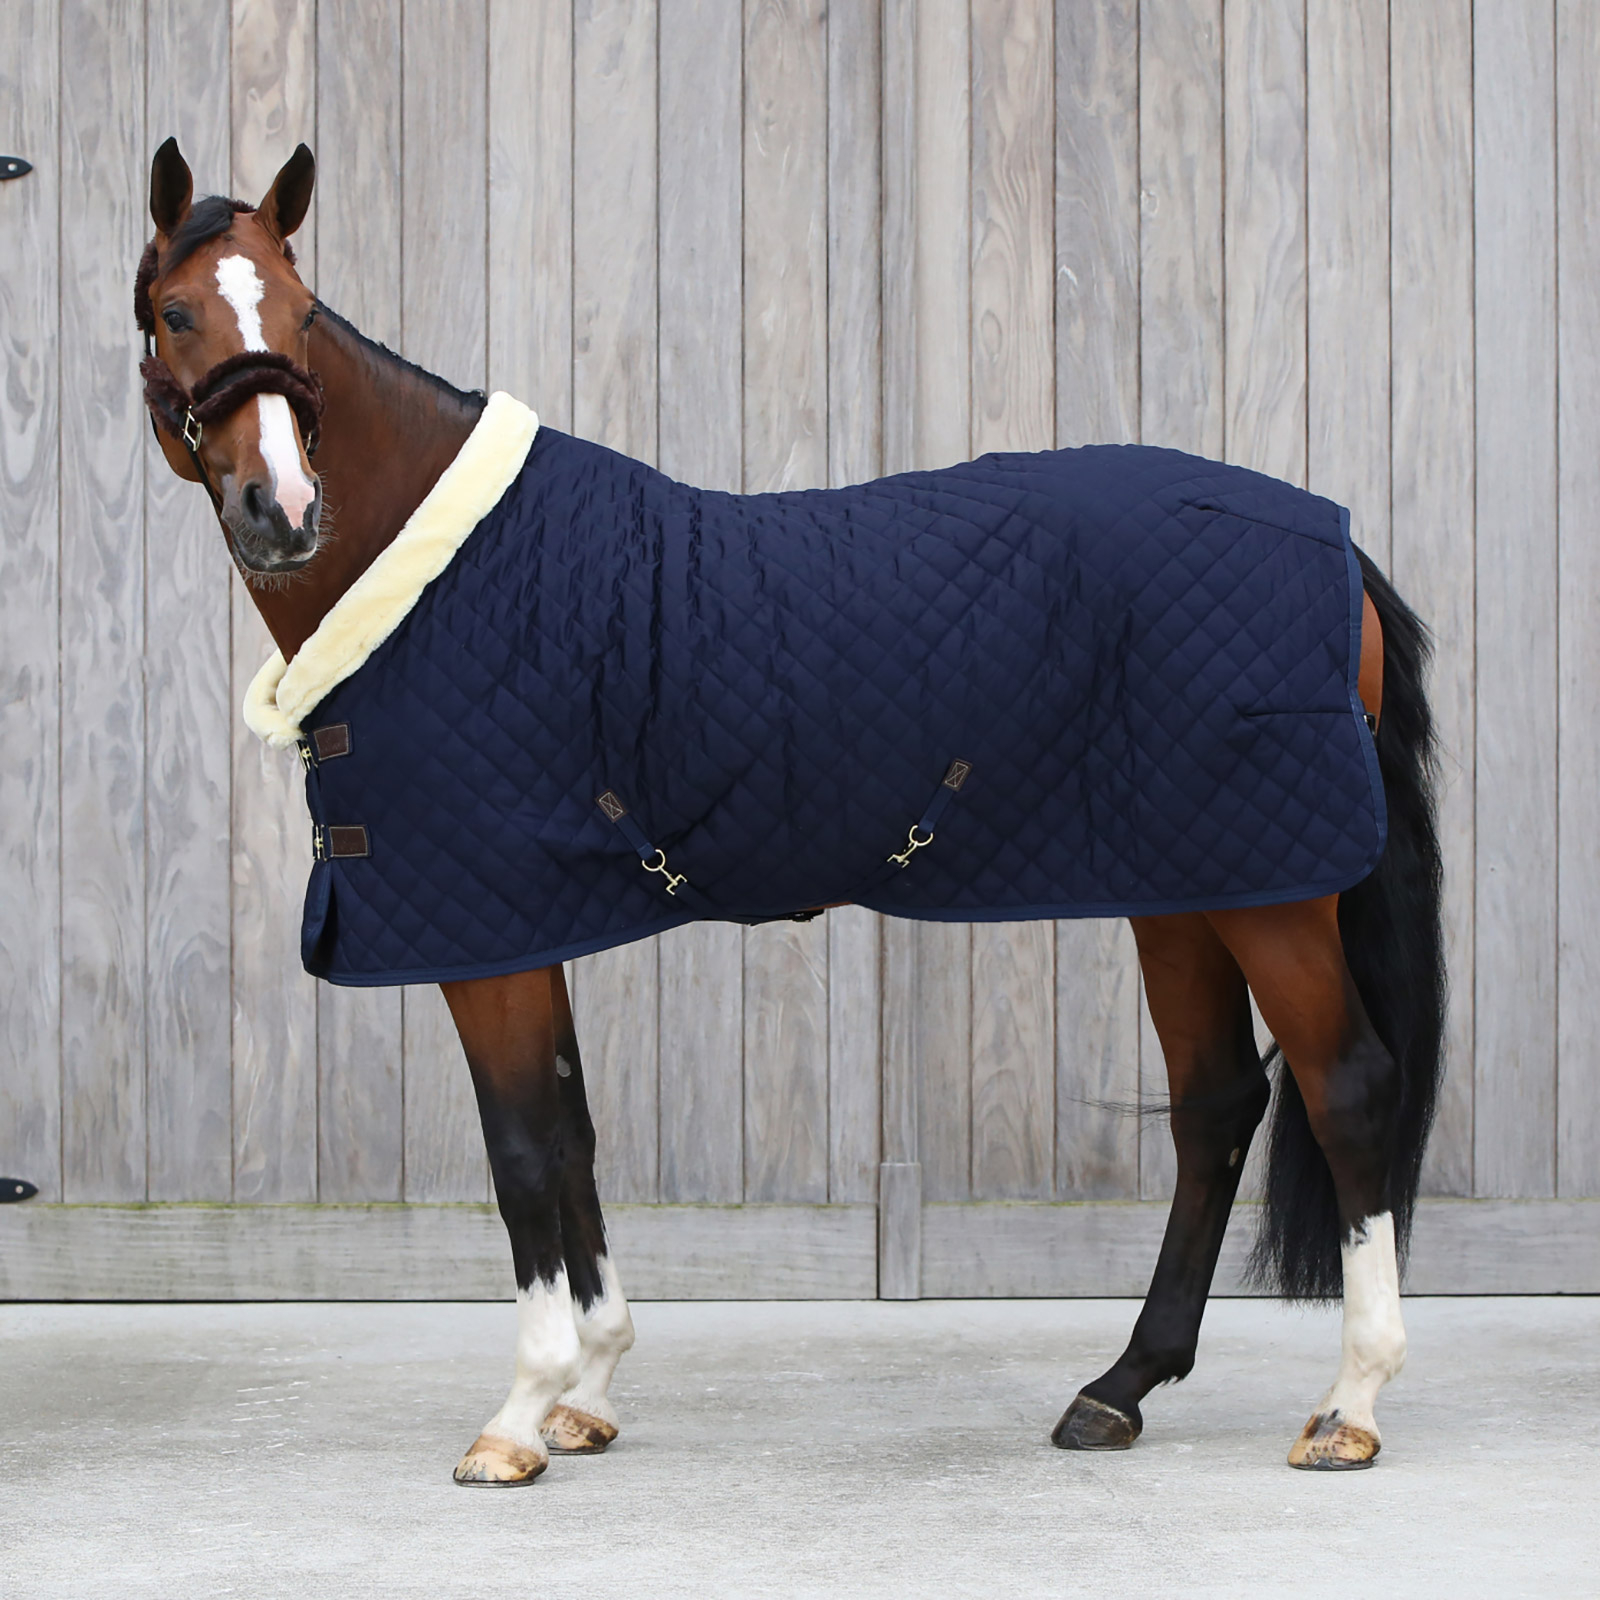 Kentucky Horsewaer Show Rug, 160g | Horze